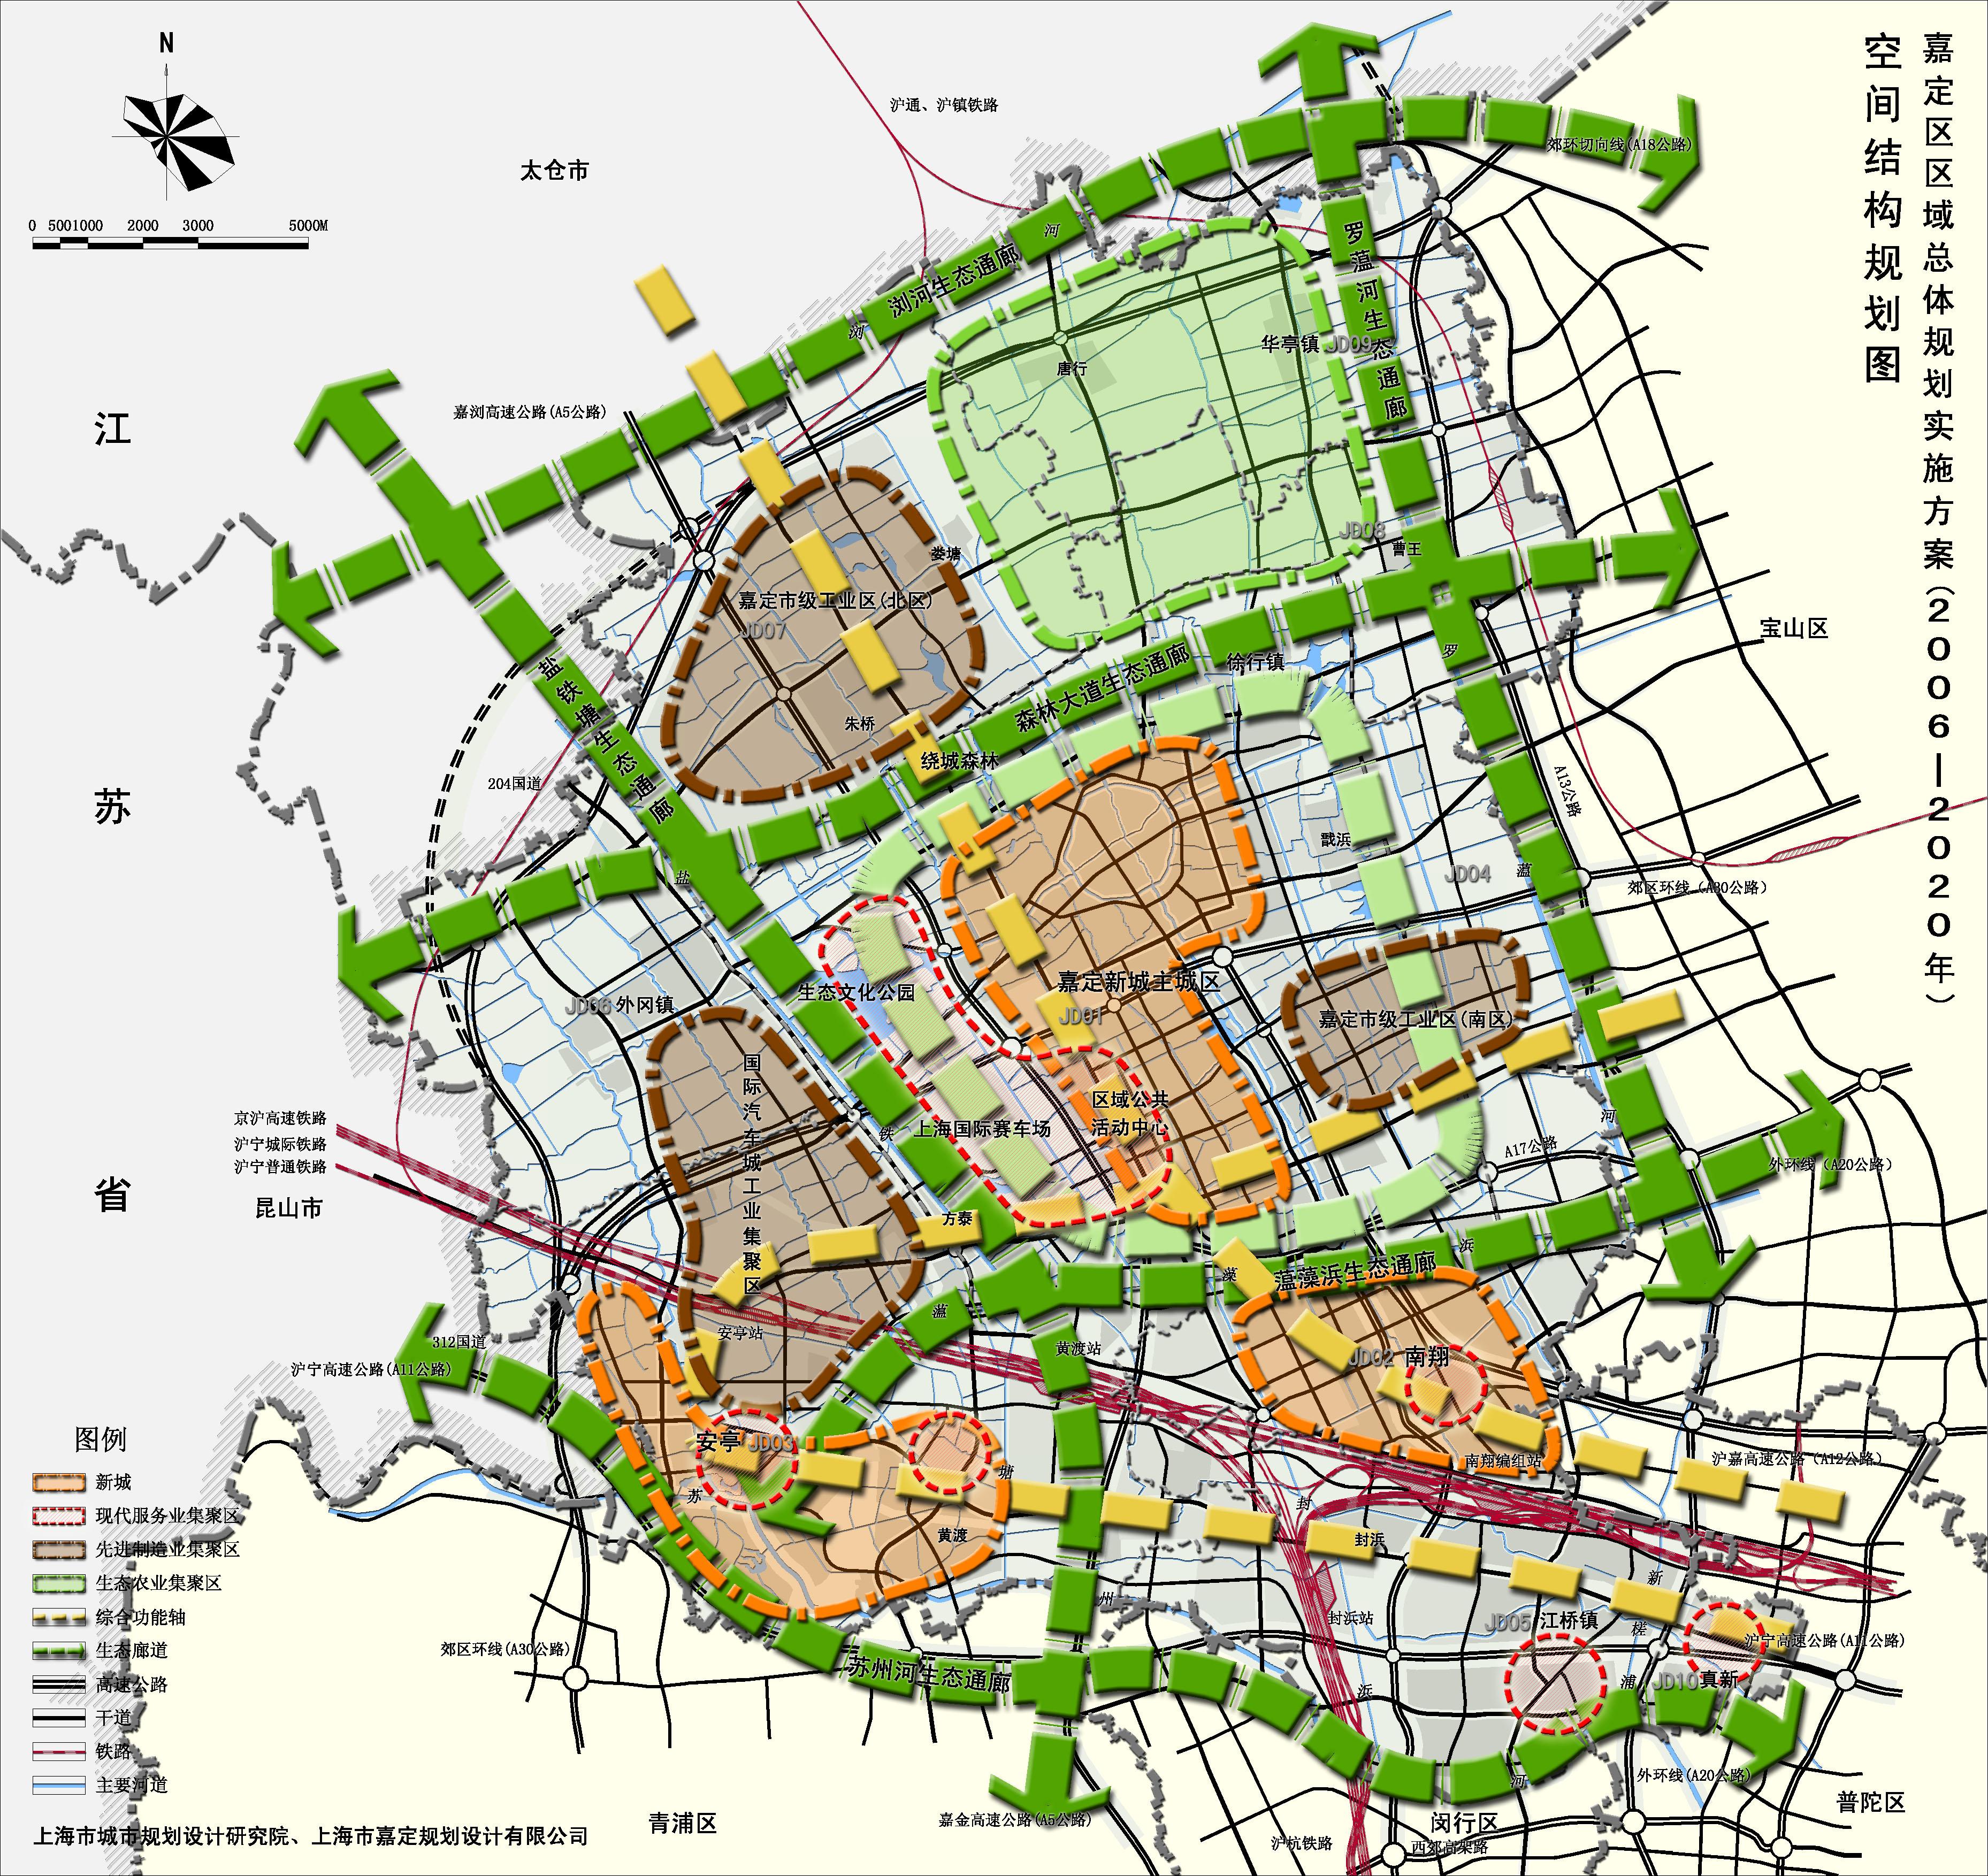 """规划背景: 2005年上海市规划局下发了《关于全面落实市政府<关于切实推进""""三个集中""""加快上海郊区发展的规划纲要>,加强本市郊区规划编制工作的指导意见》,作为各郊区县编制总体规划实施方案的指导性文件。根据该要求,市、区规划院联手在《嘉定区区域总体规划纲要(2004-2020年)》的基础上共同编制《嘉定区区域总体规划实施方案(2006-2020年)》。区域总体规划实施方案在纲要规划制定的总体目标与定位的基础上,立足近期,面向远景,制定具体落实计划,分解指标、细化专业、深化"""